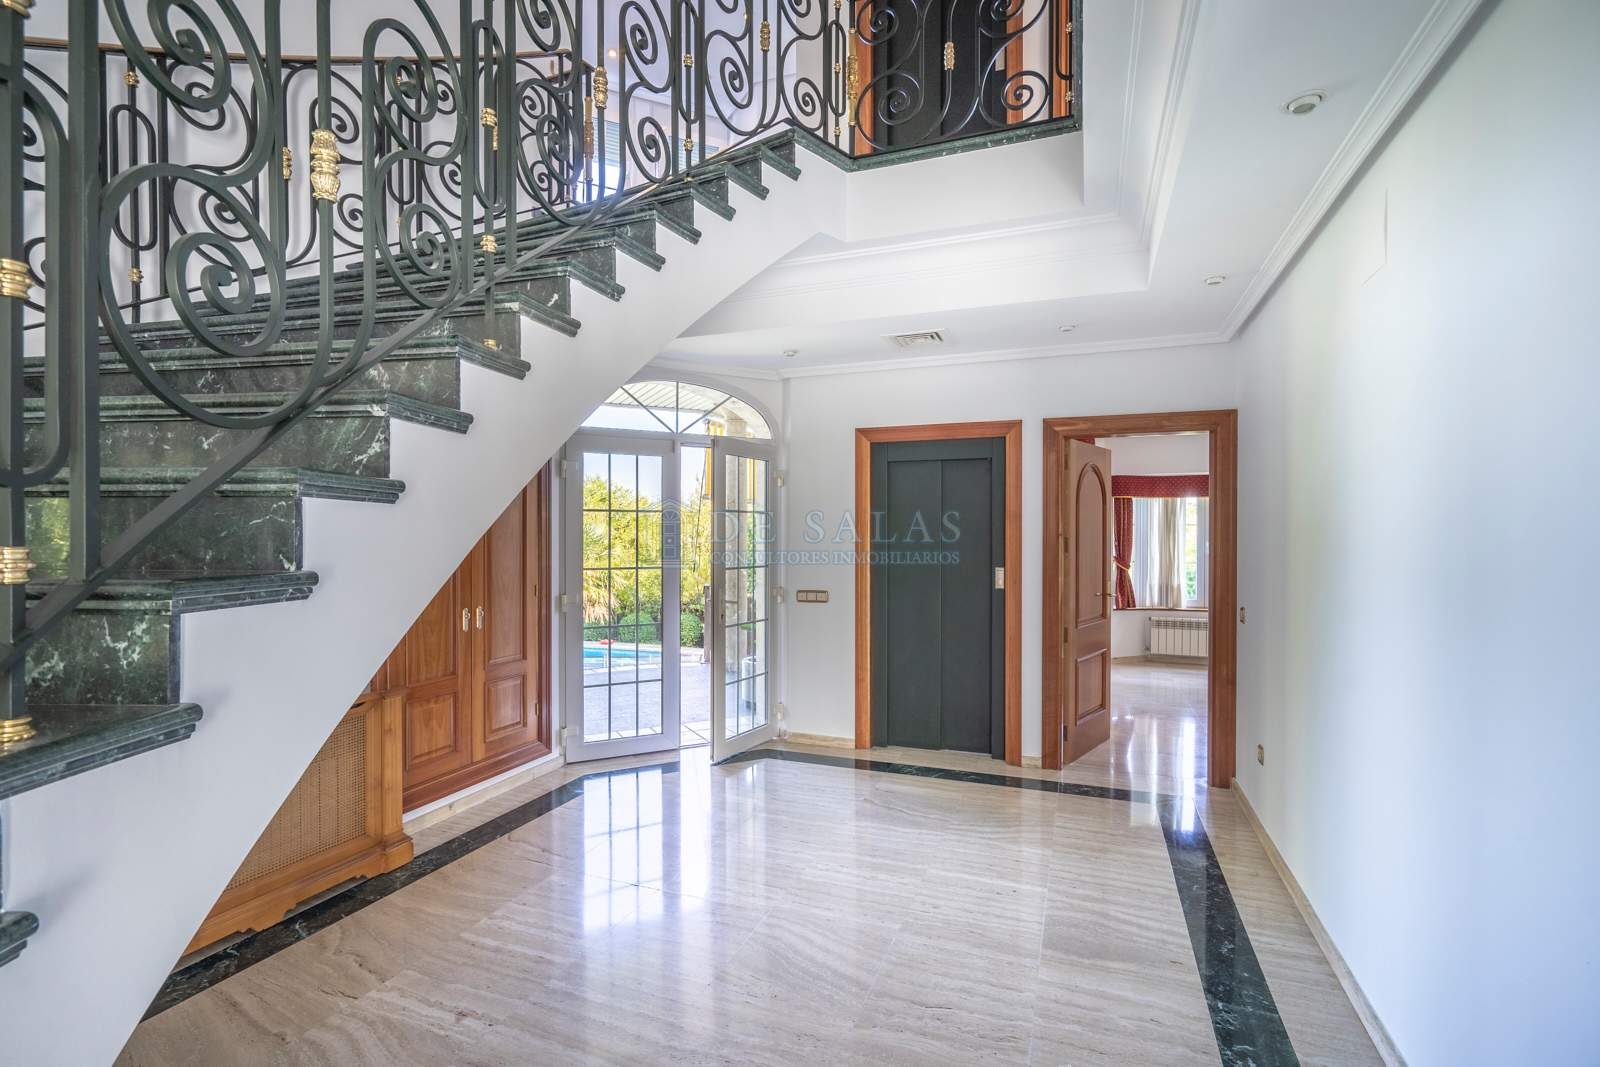 Escalera-06 Maison La Moraleja